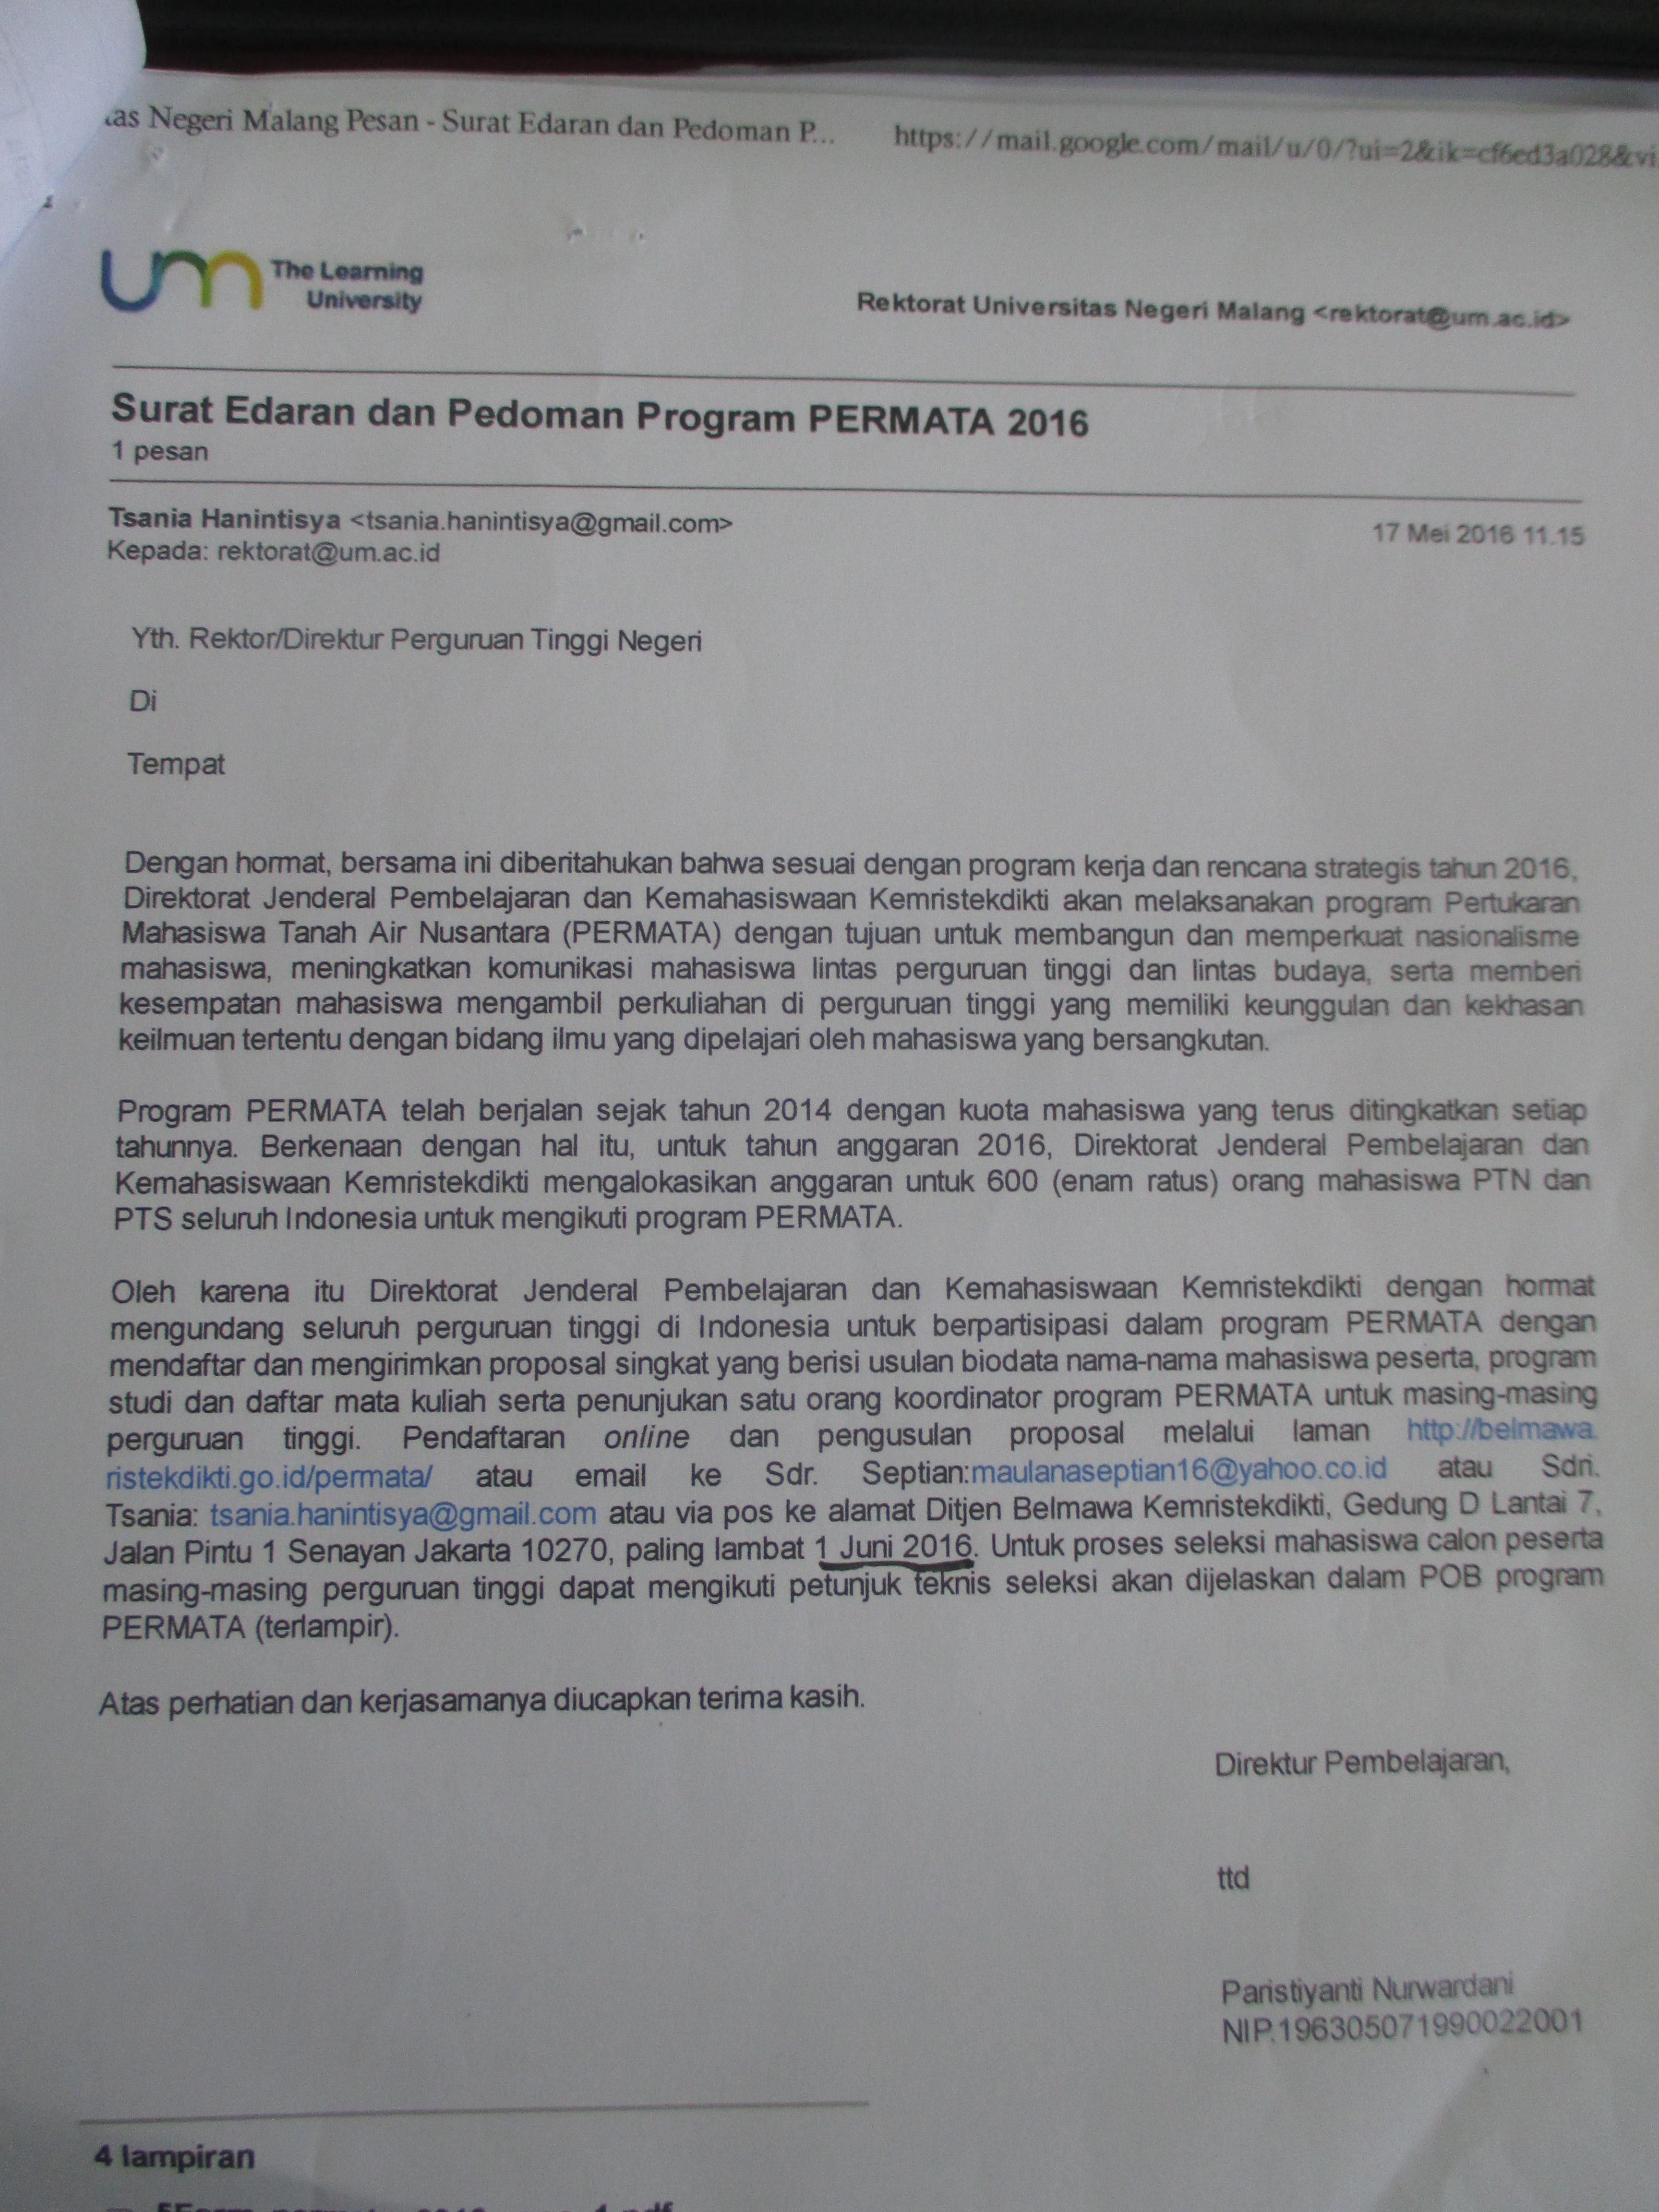 Surat Edaran dan Pedoman PERMATA 2016